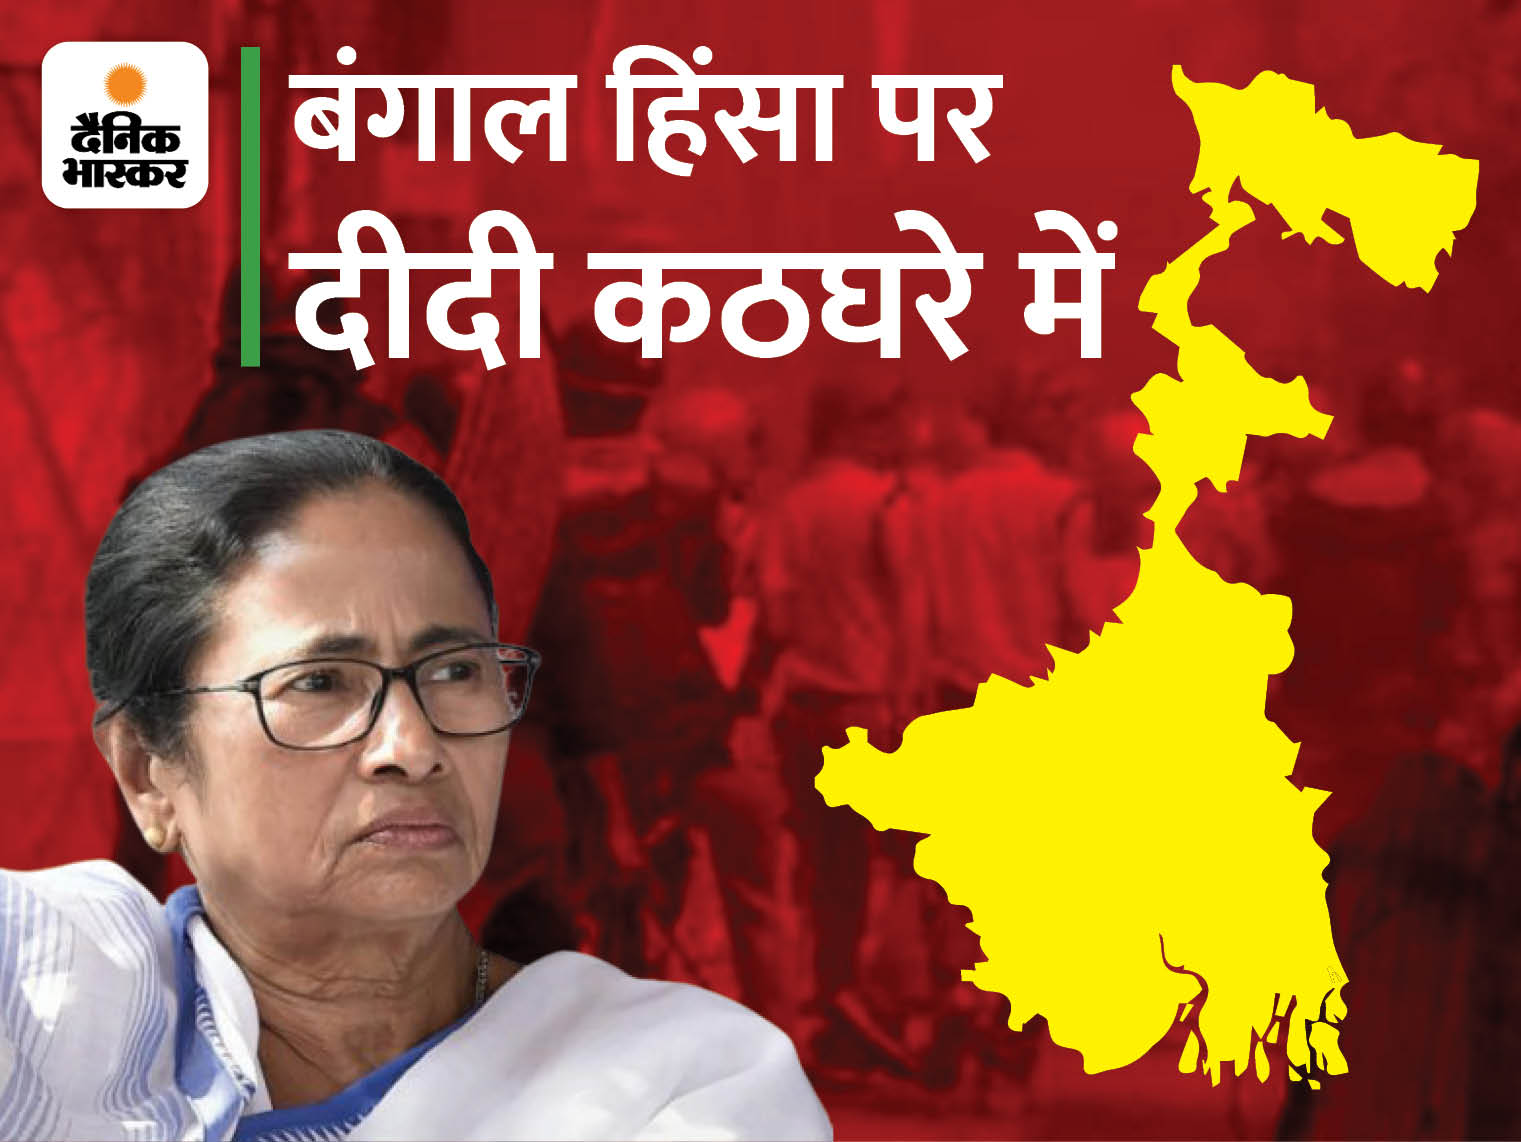 कलकत्ता हाईकोर्ट का आदेश- बंगाल चुनाव के बाद हुई हिंसा में रेप और हत्या के मामलों की CBI जांच की जाए; 6 हफ्ते में स्टेटस रिपोर्ट मांगी|देश,National - Dainik Bhaskar